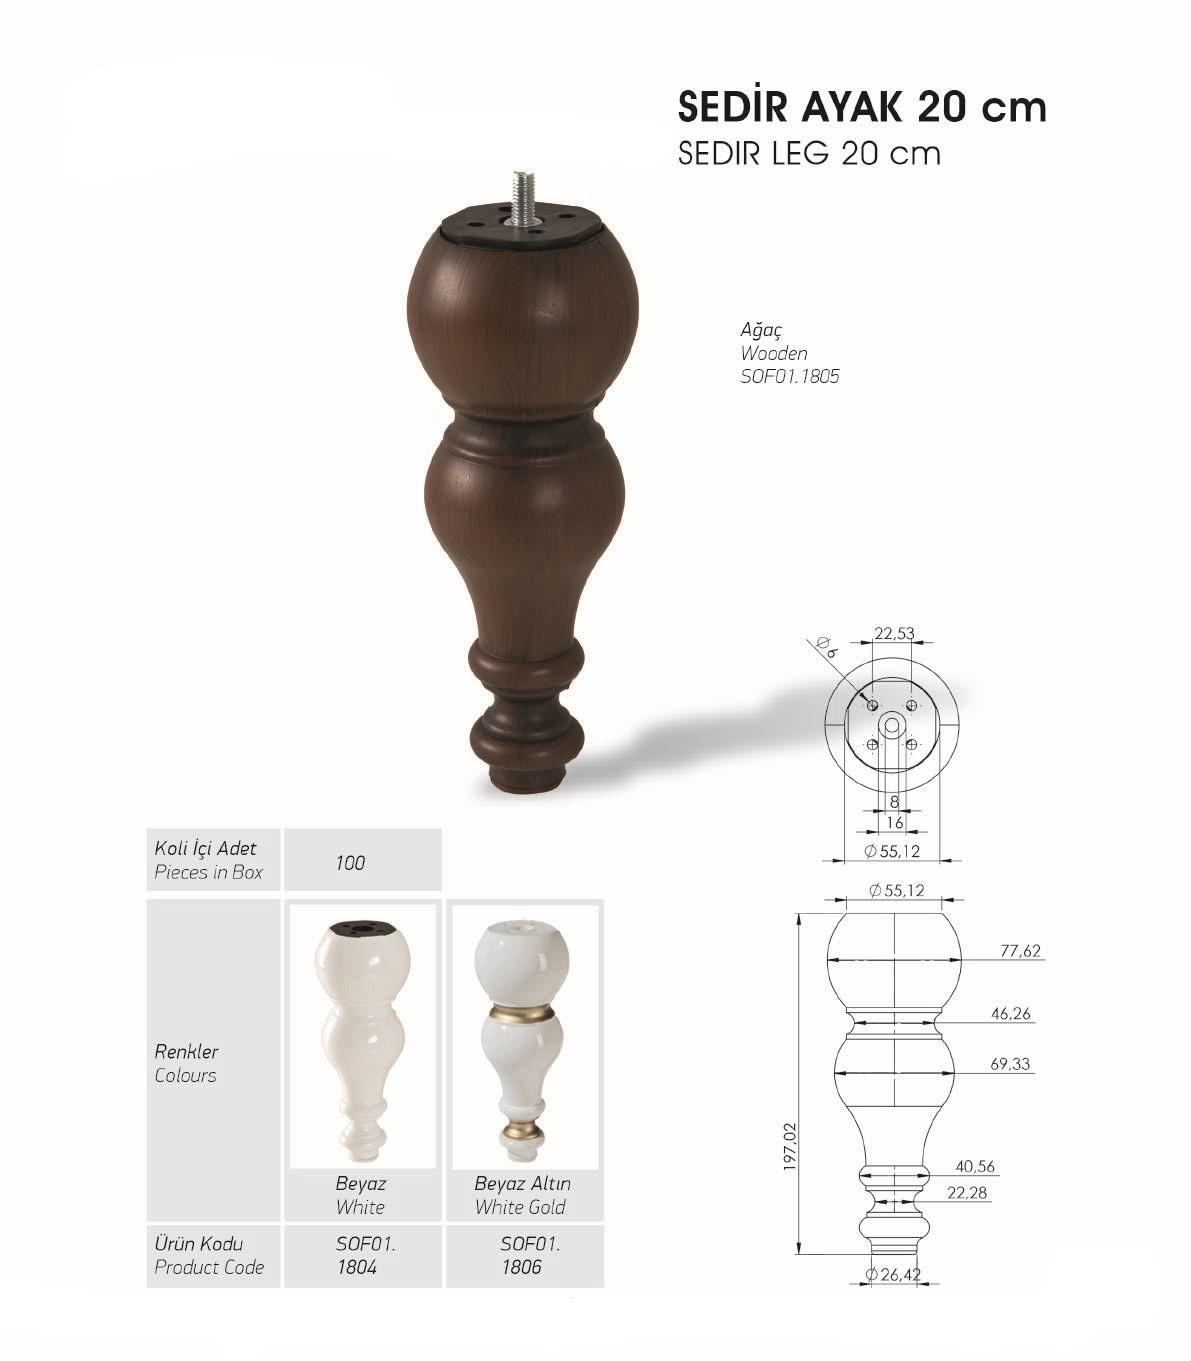 Sedir Ayak 20 cm